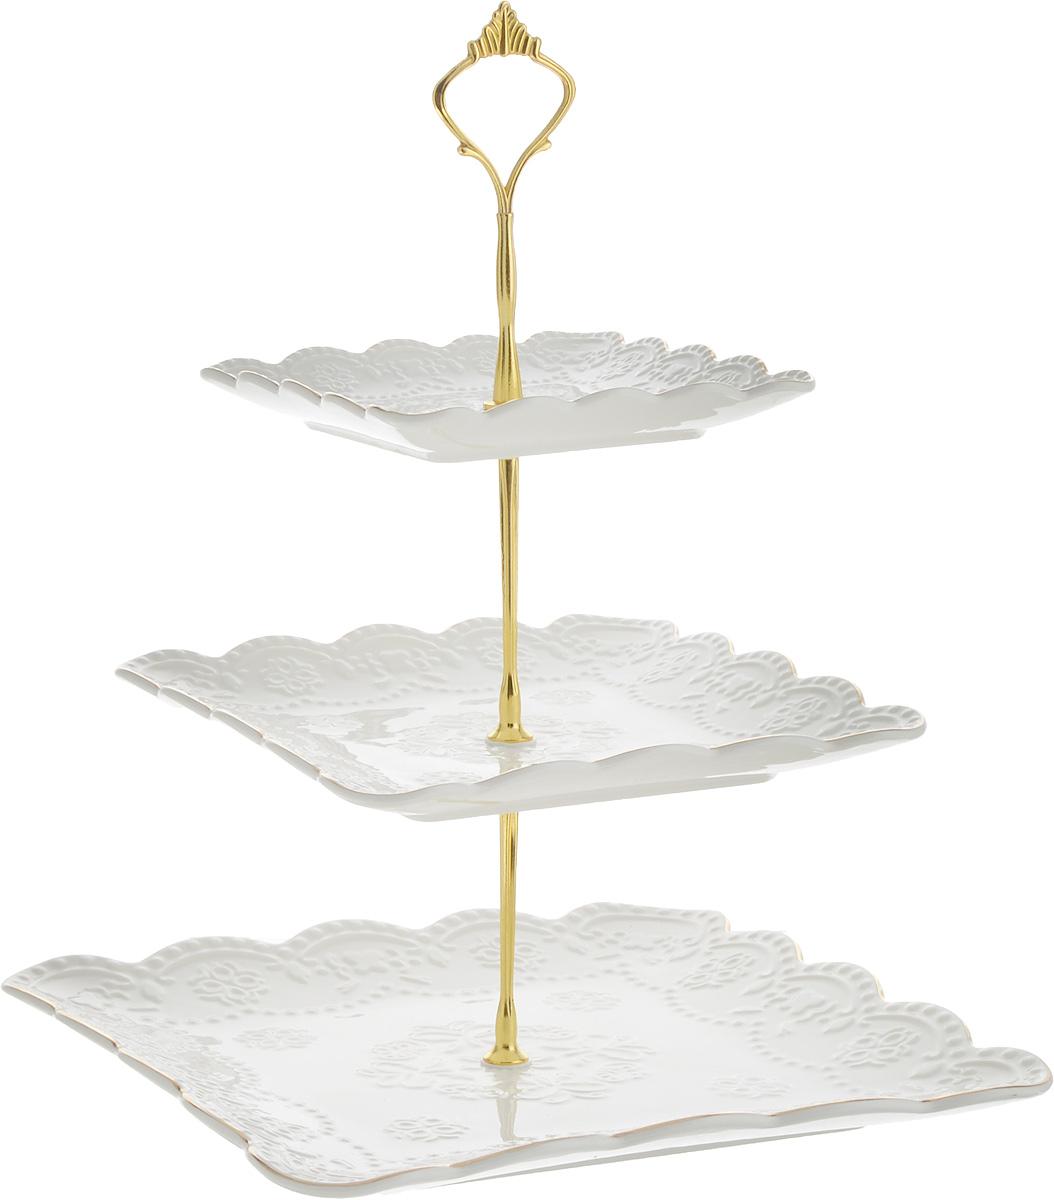 Конфетница Loraine Элис, 3-ярусная, высота 26 см. 26514РАД00000513_бирюзовый, светло-коричневыйЭлегантная конфетница Loraine Элис, выполненная из керамики, сочетает в себе изысканный дизайн с максимальной функциональностью. Конфетница состоит из 3-х ярусов разного размера и предназначена для красивой сервировки конфет, фруктов и десертов. Ярусы квадратной формы оформлены оригинальным рельефным орнаментом и золотистой окантовкой. Стойка-держатель конфетницы выполнена из металла.Конфетница Loraine Элис украсит сервировку вашего стола и подчеркнет прекрасный вкус хозяина, а также станет отличным подарком. Размер большого яруса: 26х 26 см.Размер среднего яруса: 20х 20 см.Диаметр малого яруса: 14,5х 14,5 см.Высота конфетницы: 26 см.